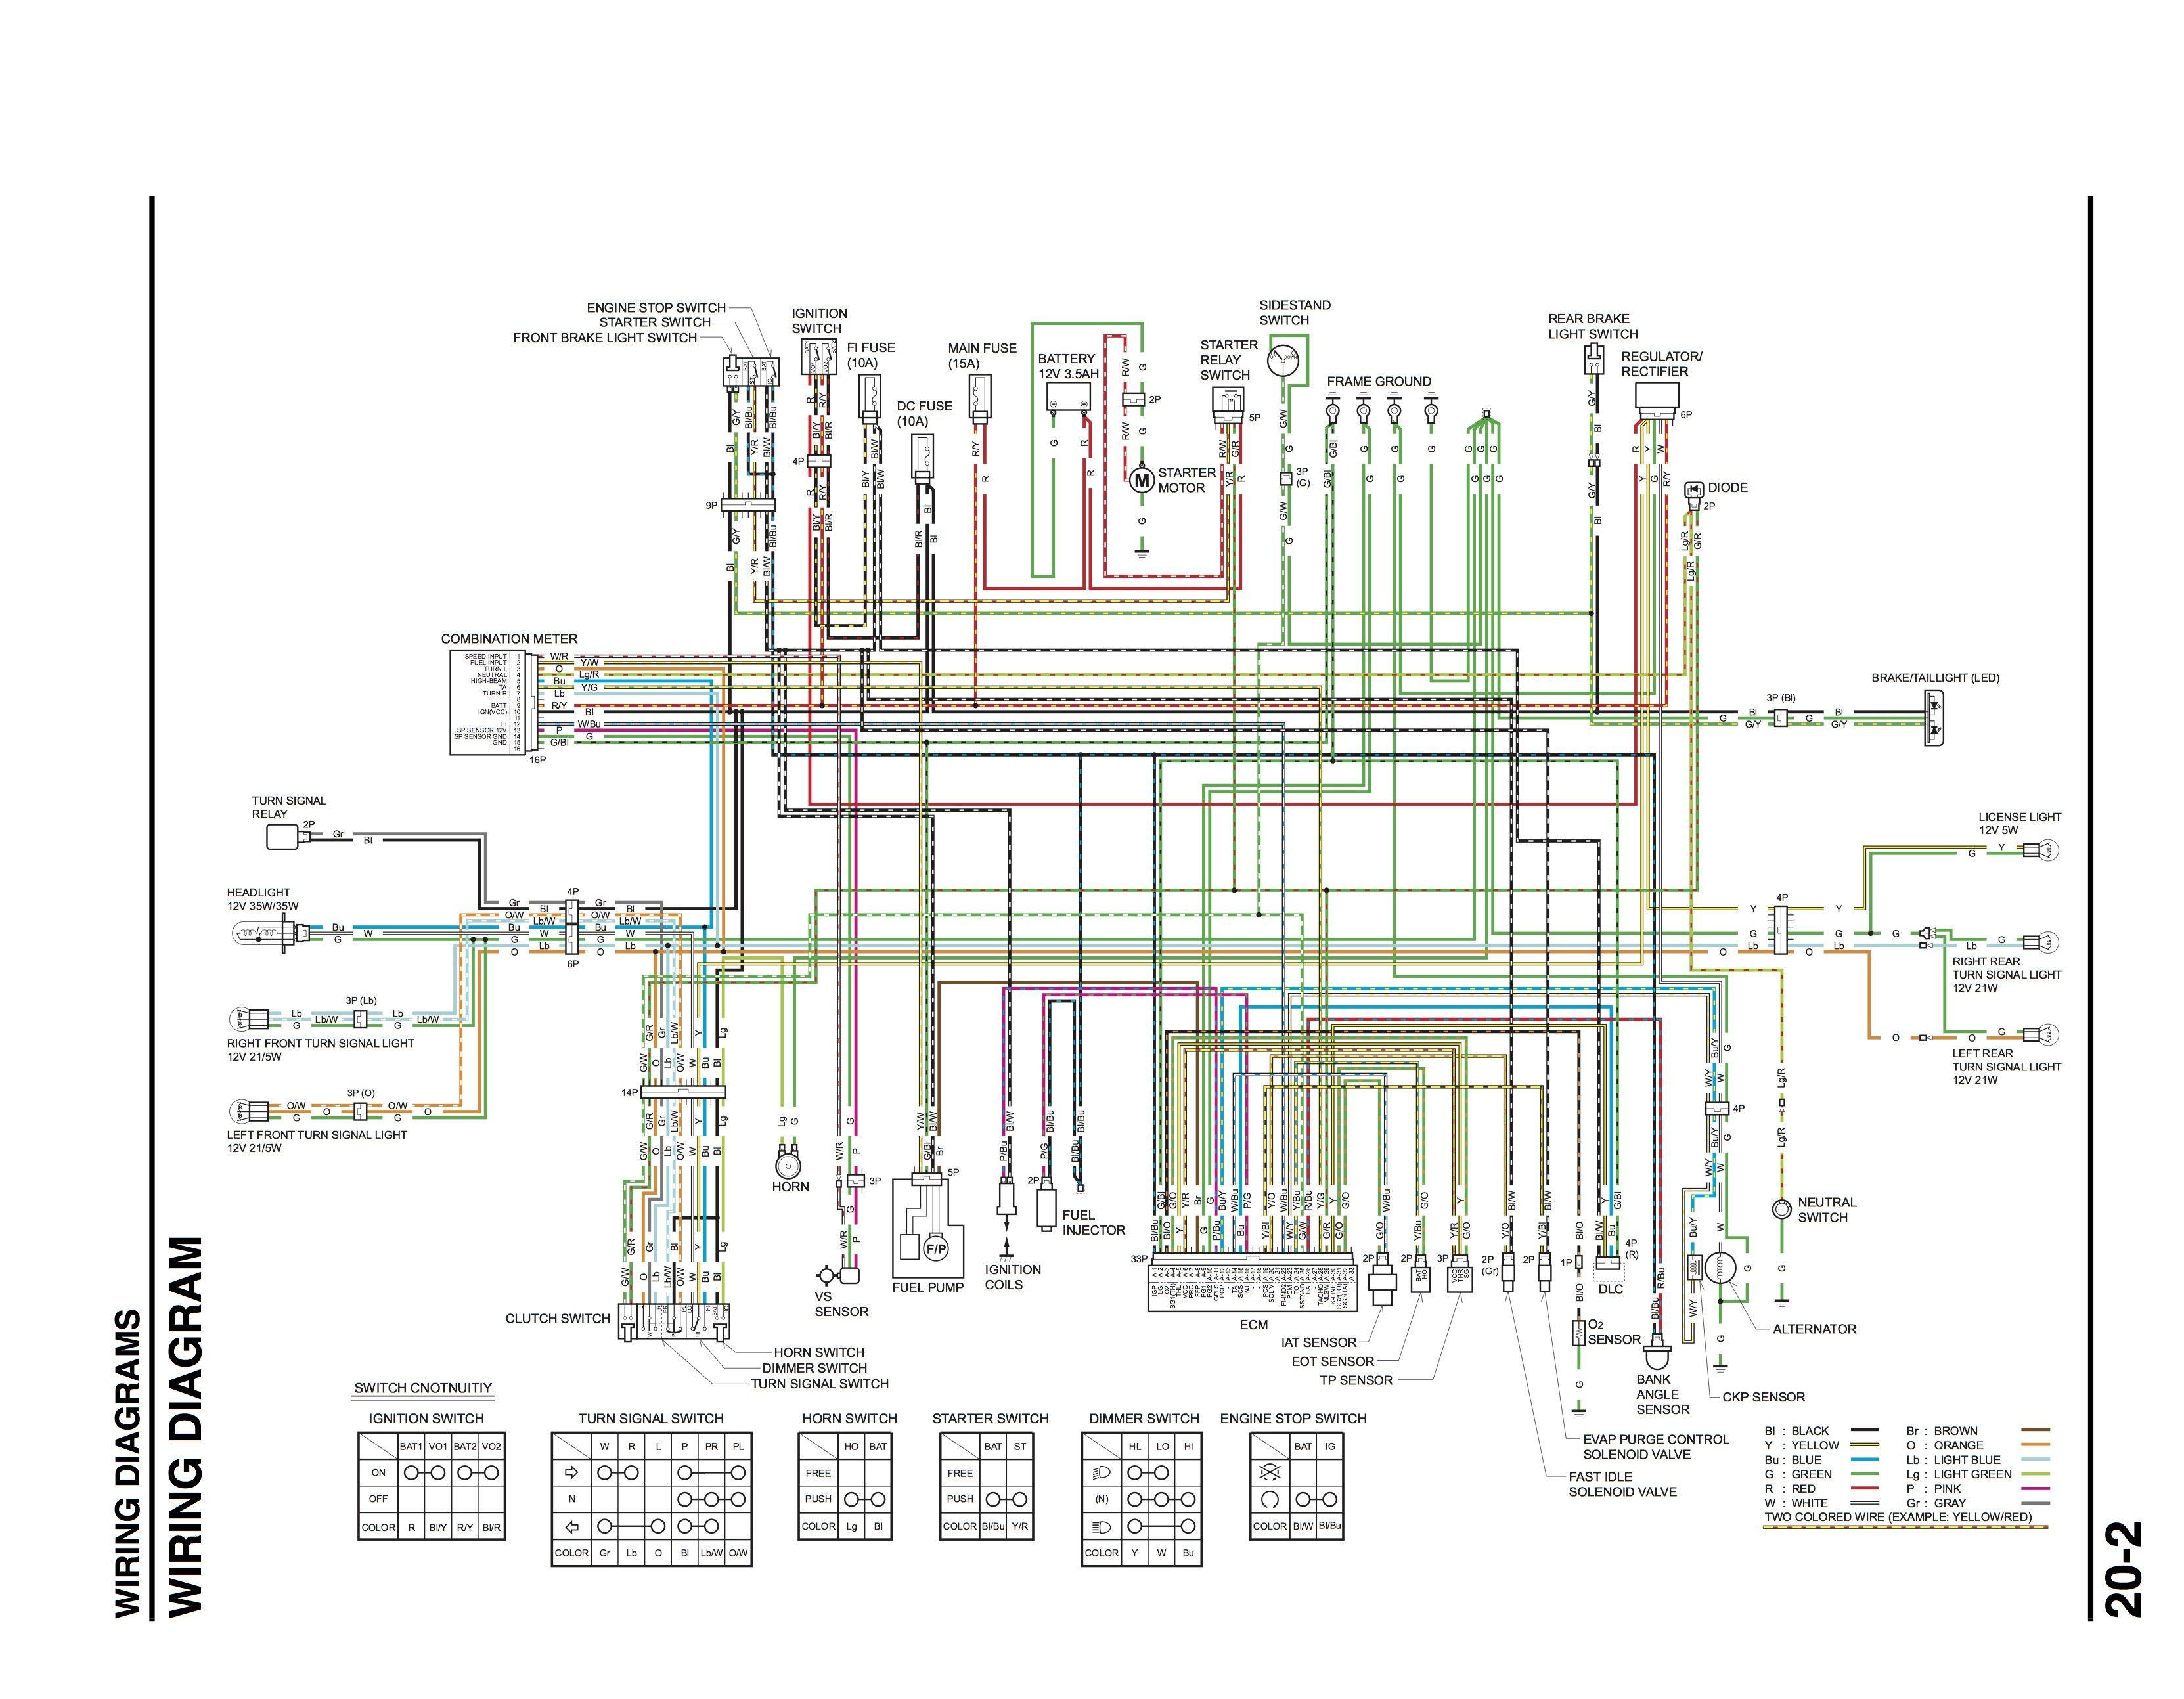 15 Simple Wiring Diagram Of Motorcycle Honda Xrm 125